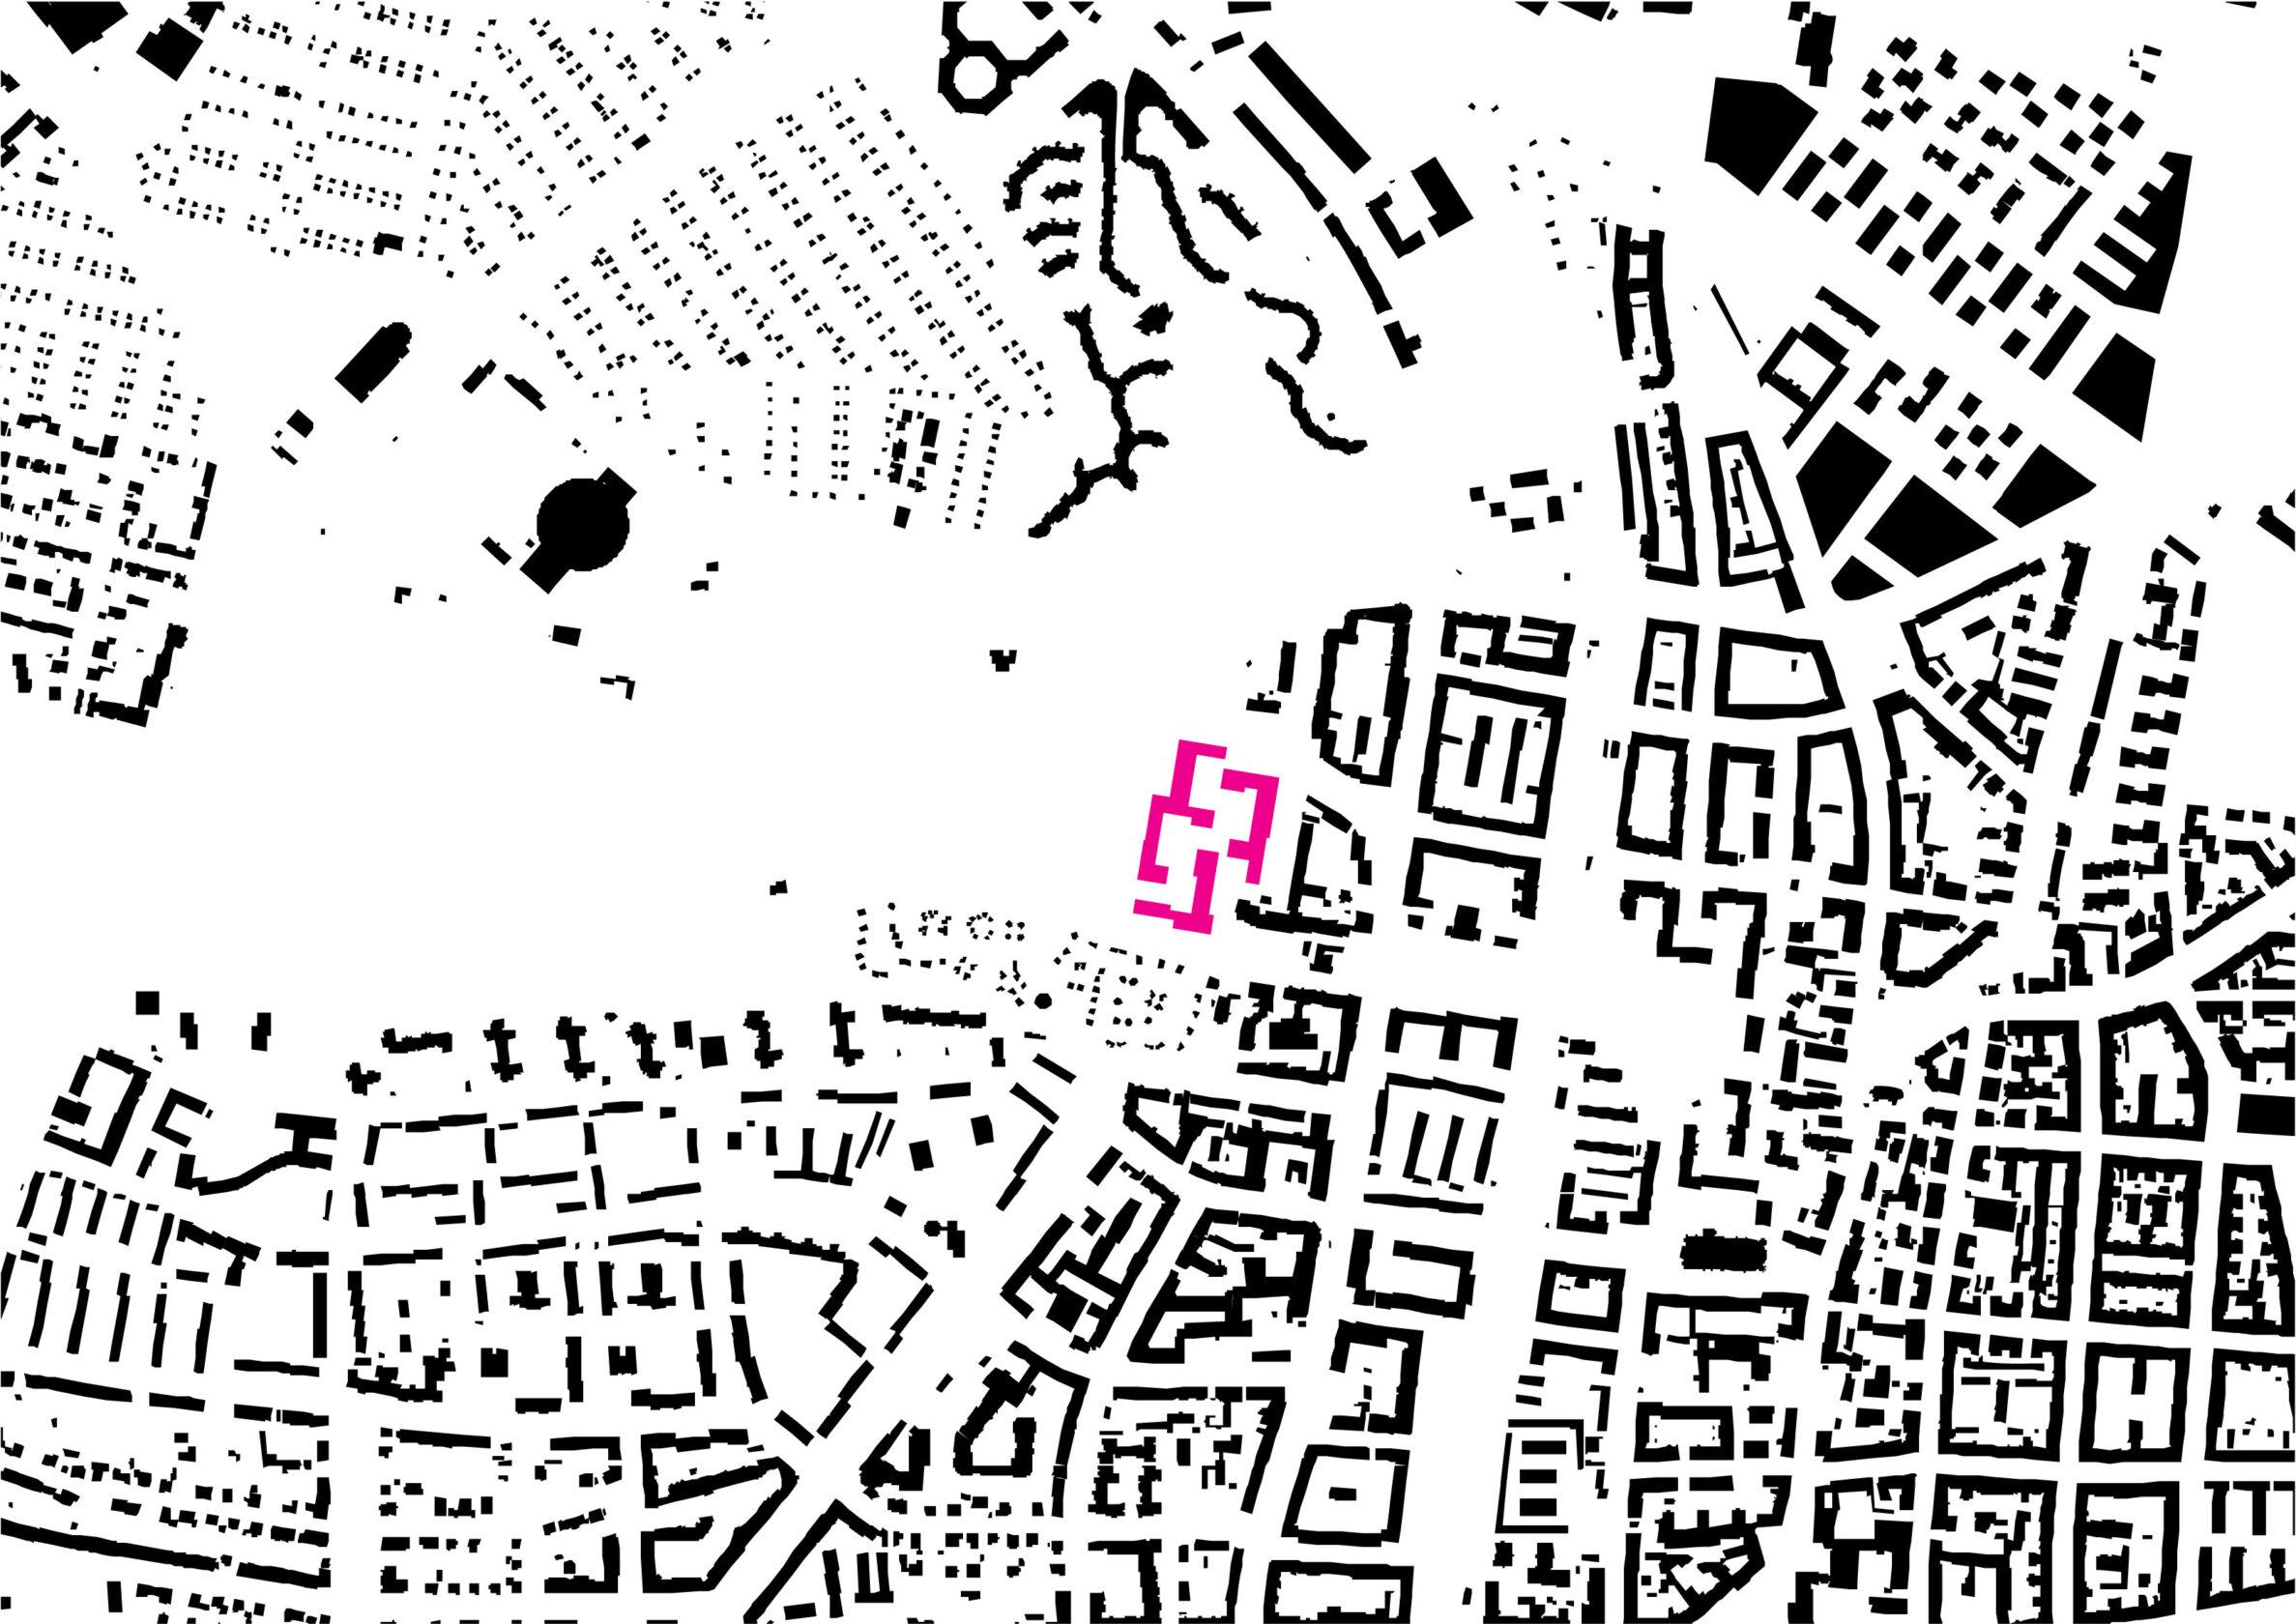 Städtebau München Wohnungsbau dreisterneplus